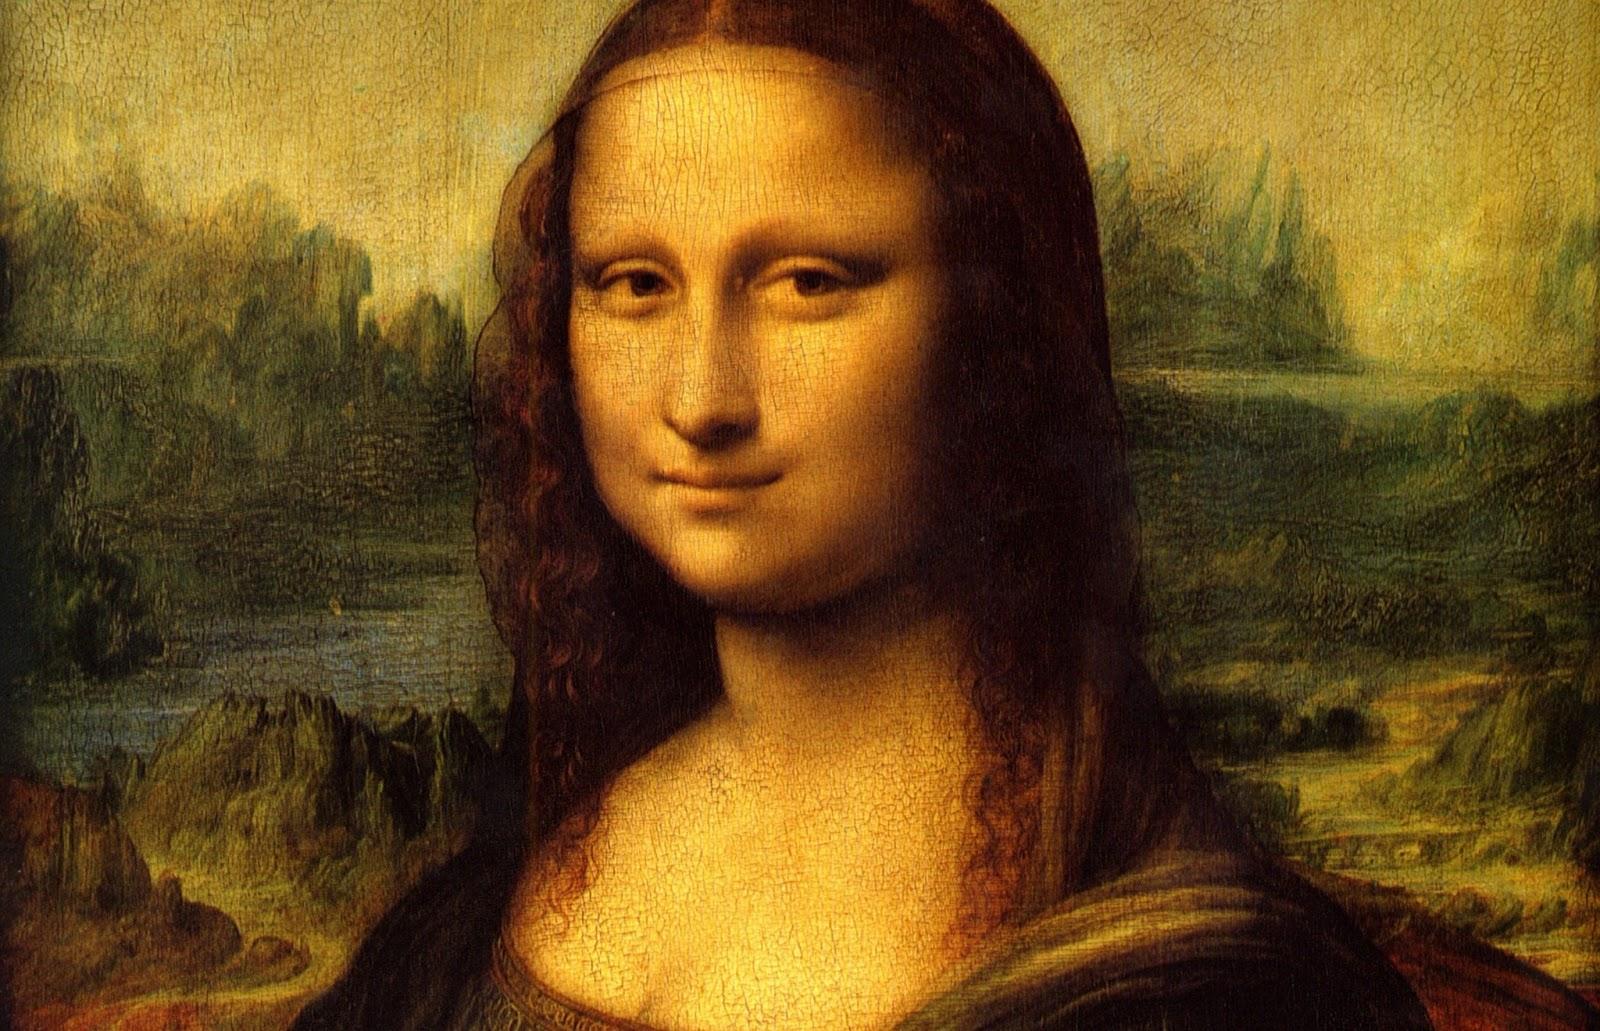 La 'Mona Lisa' esconde otra mujer